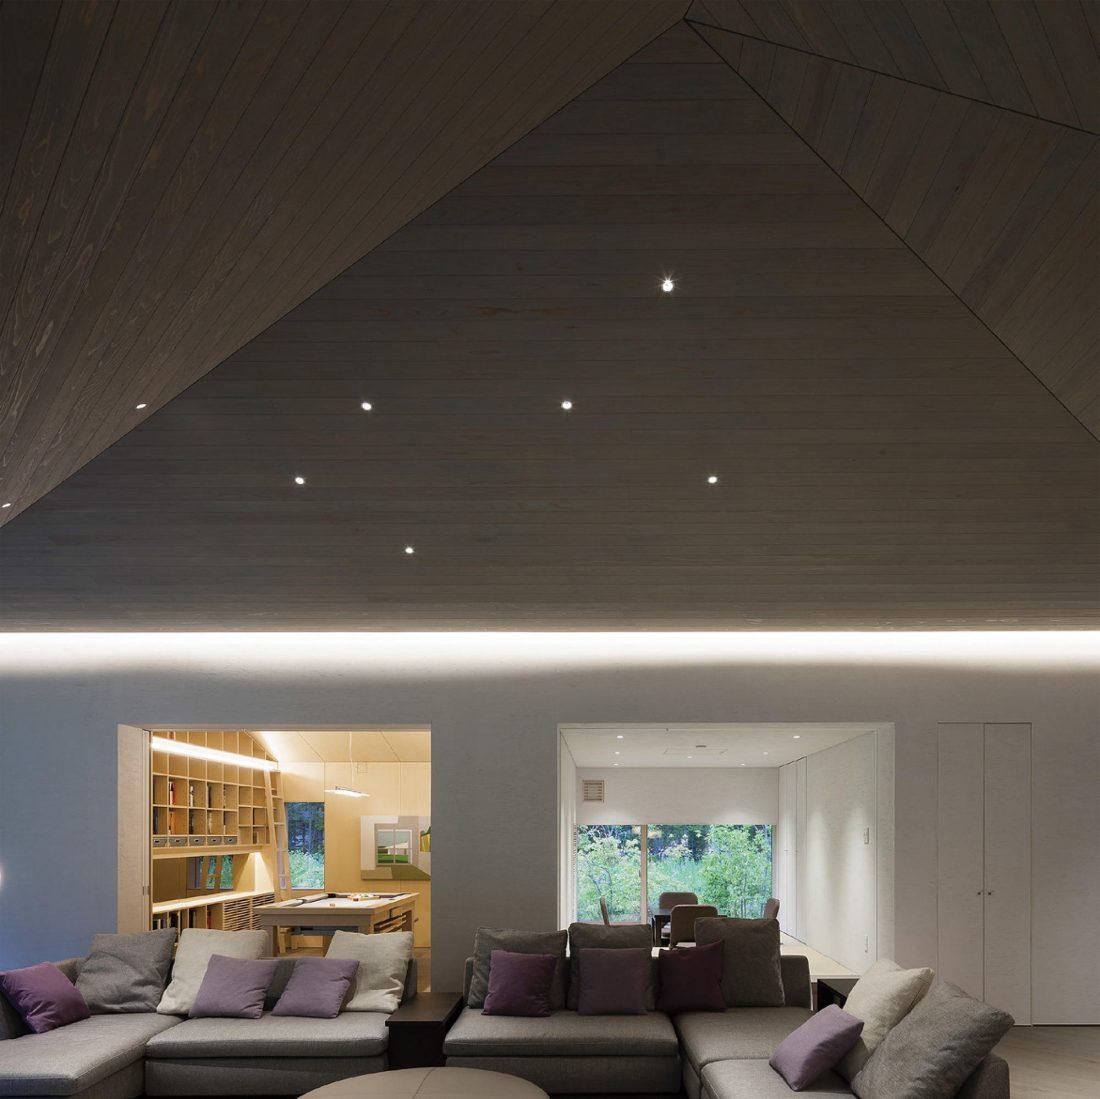 Дом в космическом стиле в Каруидзава от студии O. F. D. A. 10